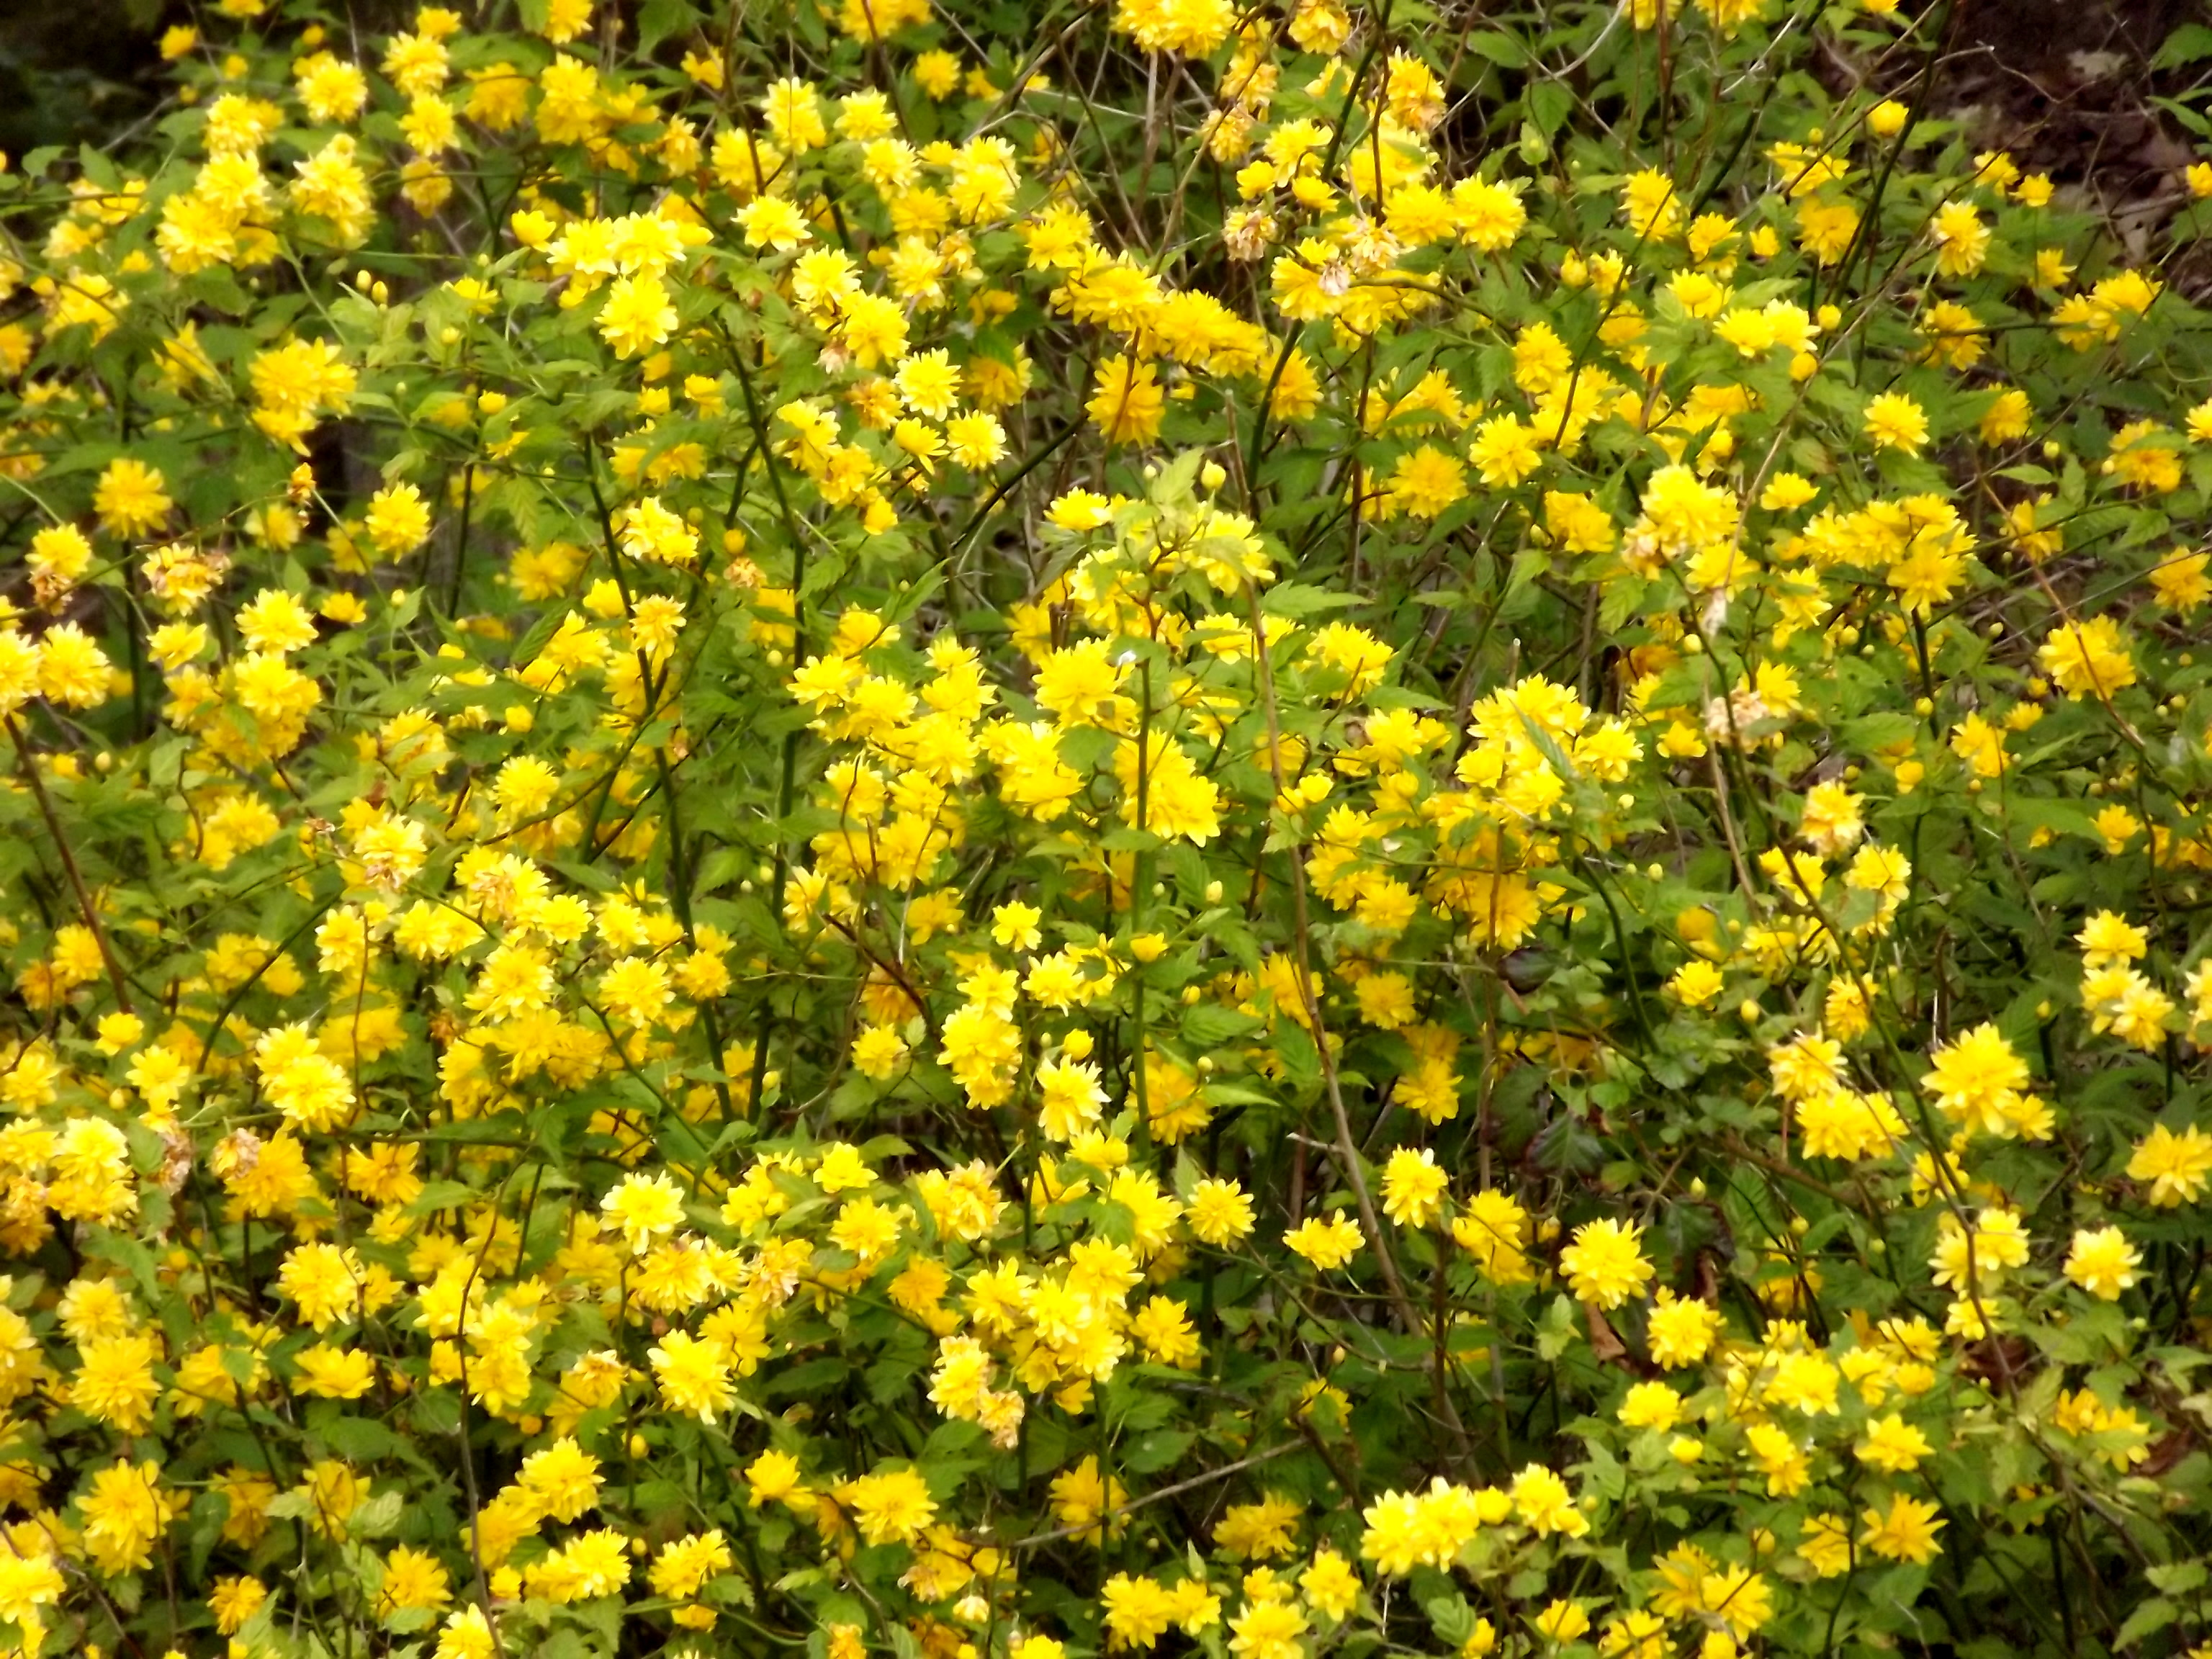 5998-viele-gelbe-blueten